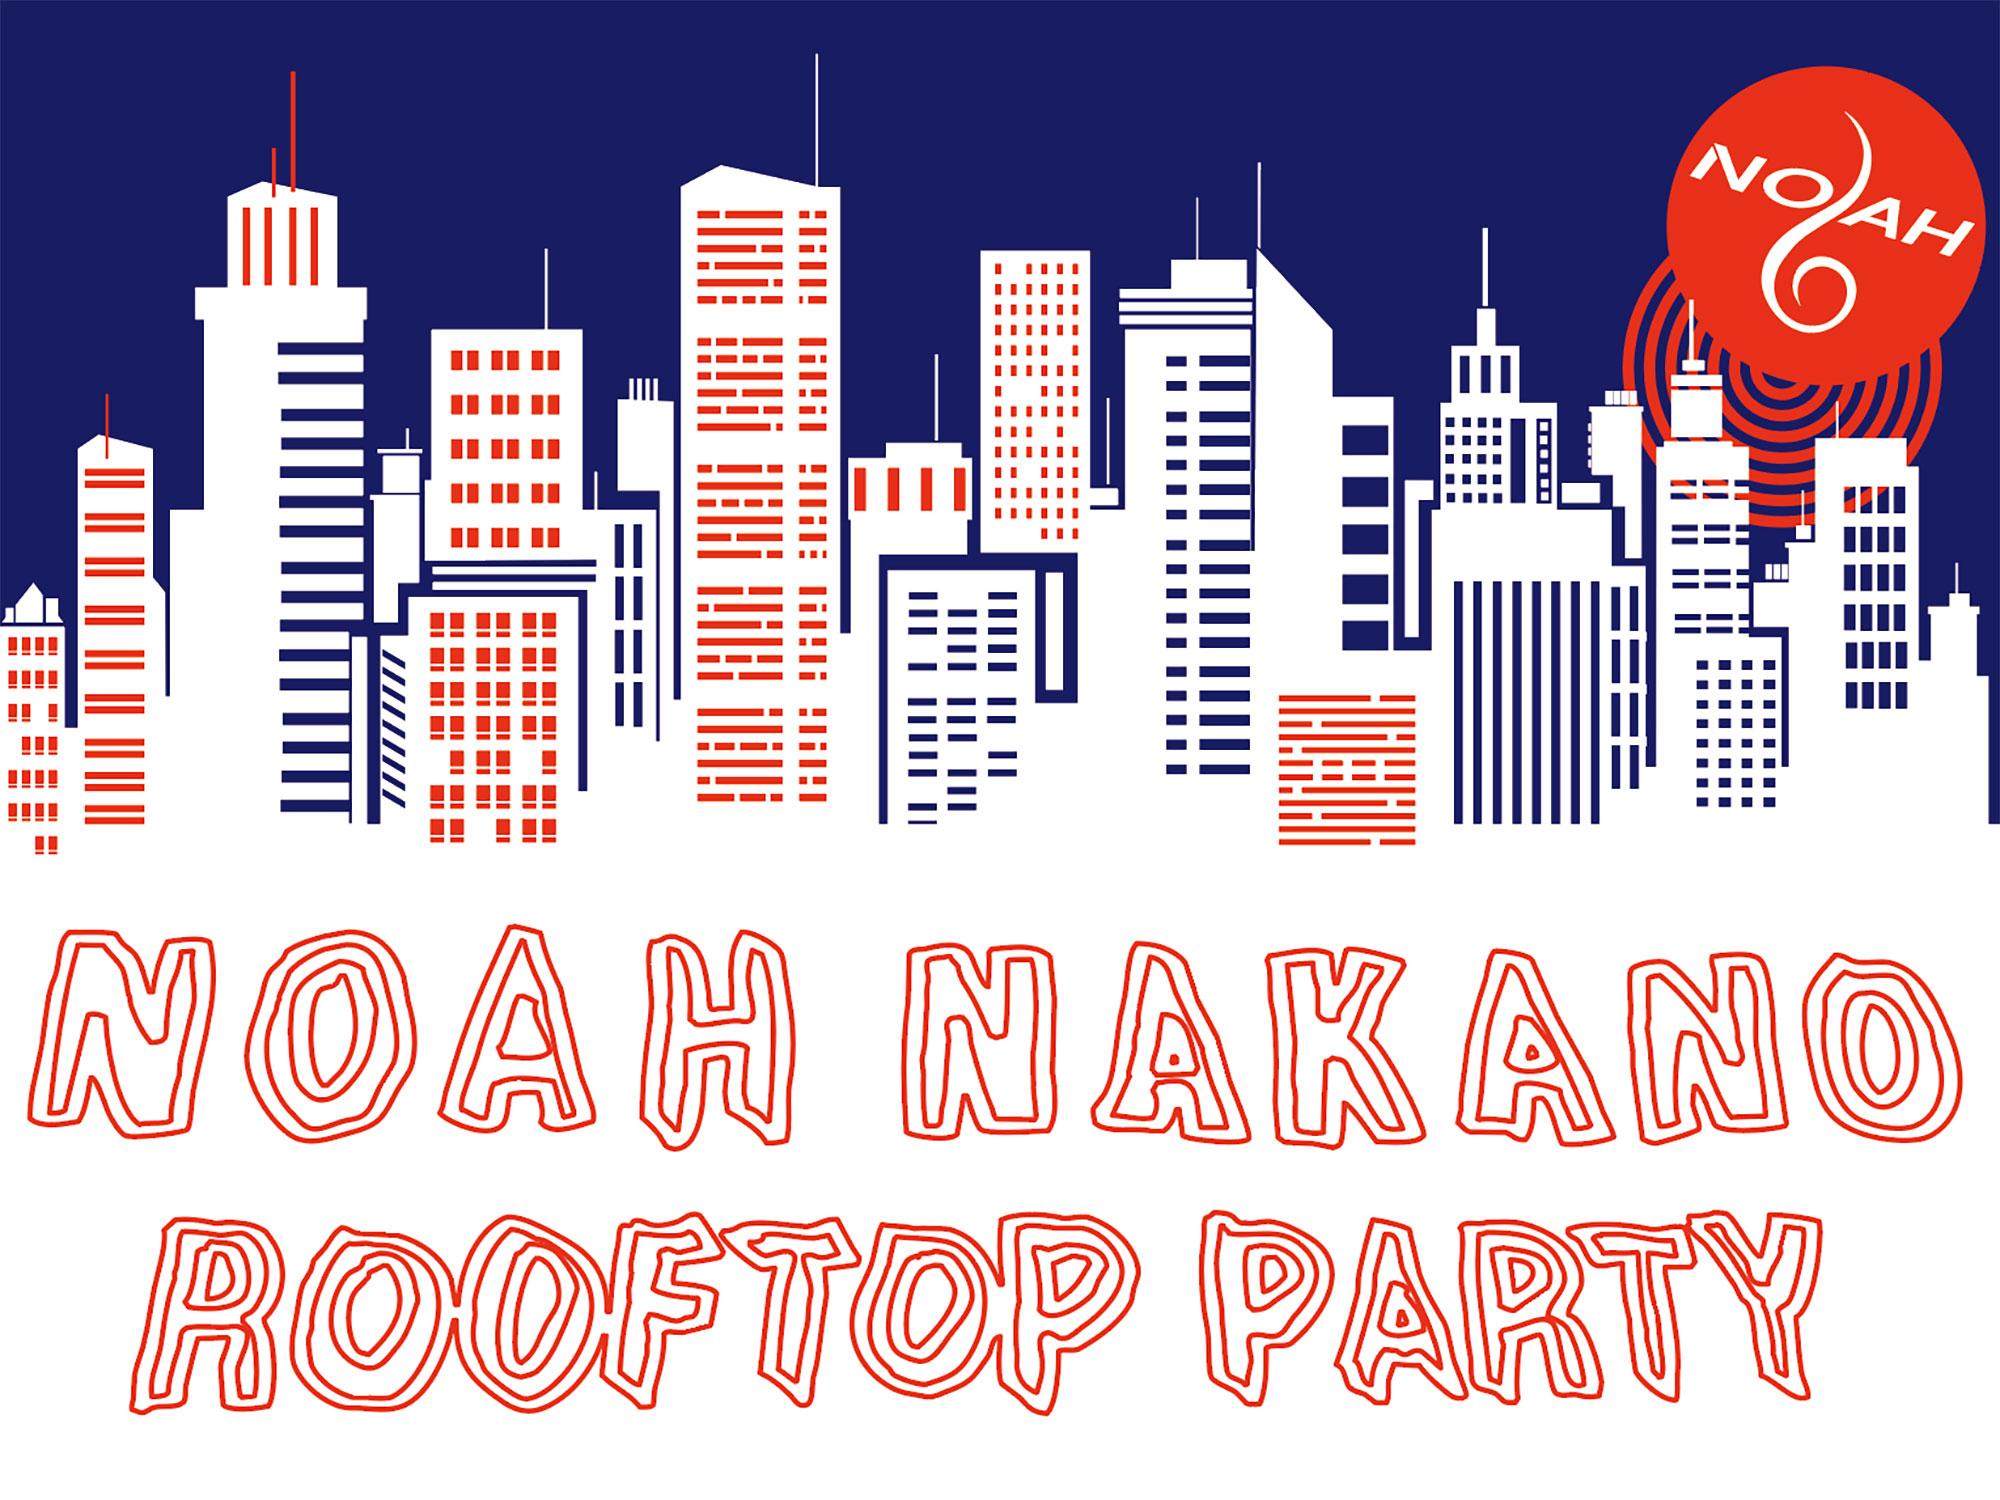 ノア初の屋上フリーライブイベント『NOAH NAKANO ROOFTOP PARTY』を開催します!!